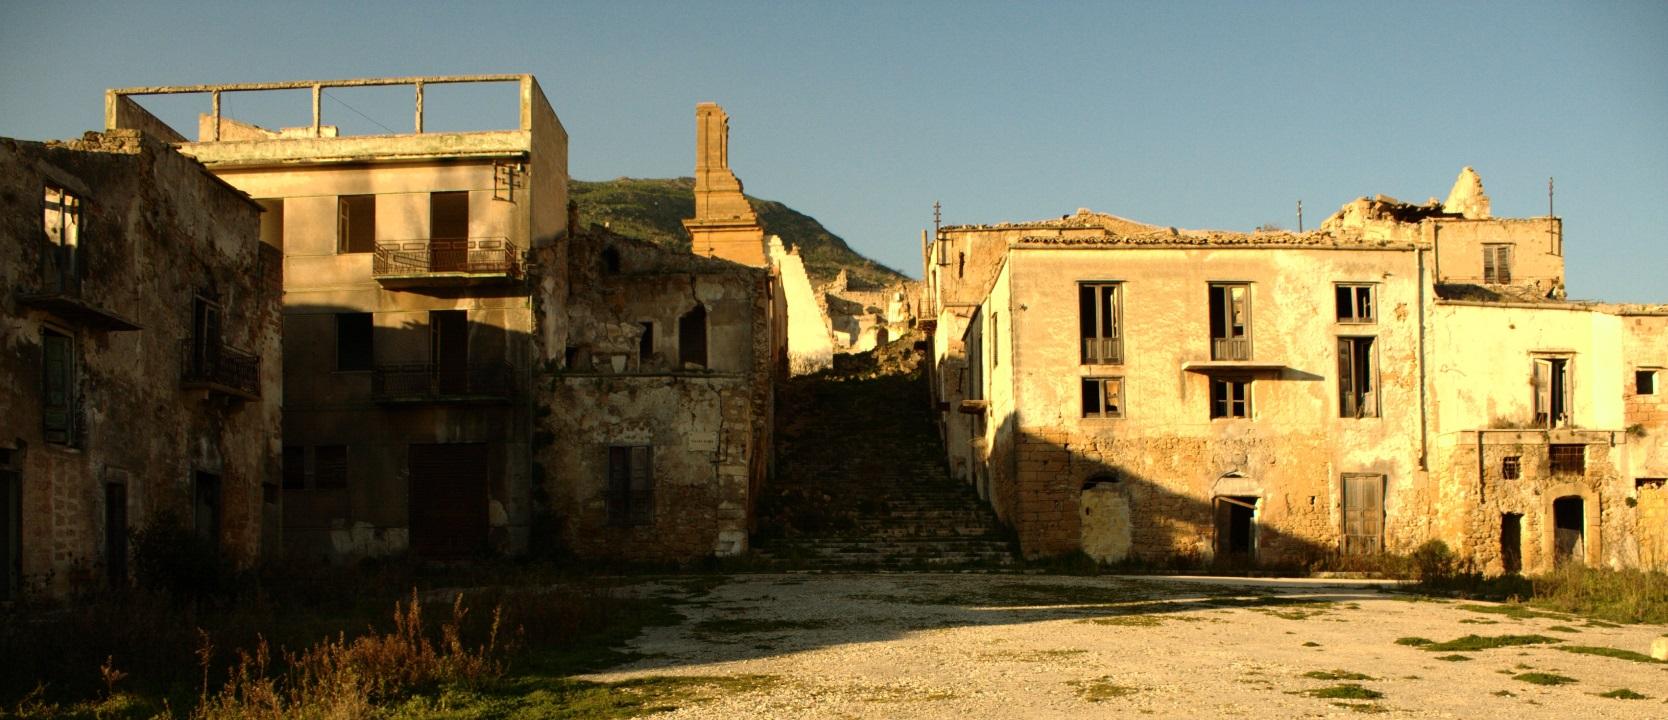 Photo of Alla scoperta della città fantasma